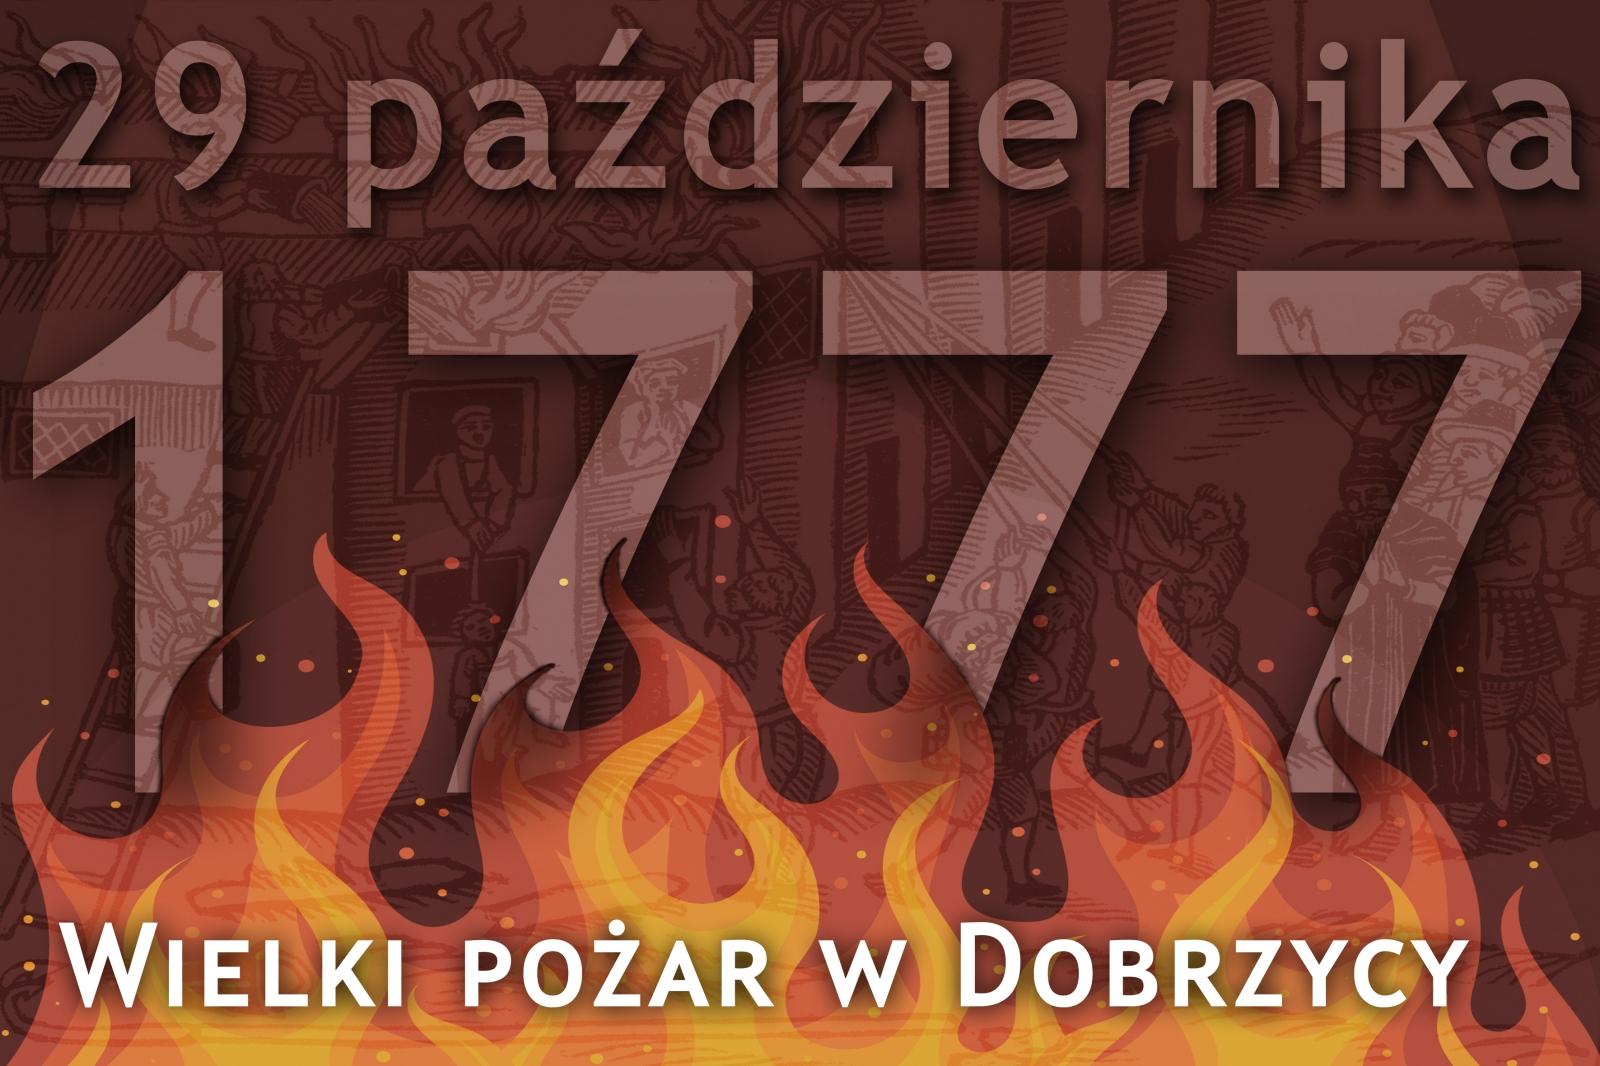 29 PAŹDZIERNIKA 1777 R. - 243. ROCZNICA POŻARU W DOBRZYCY